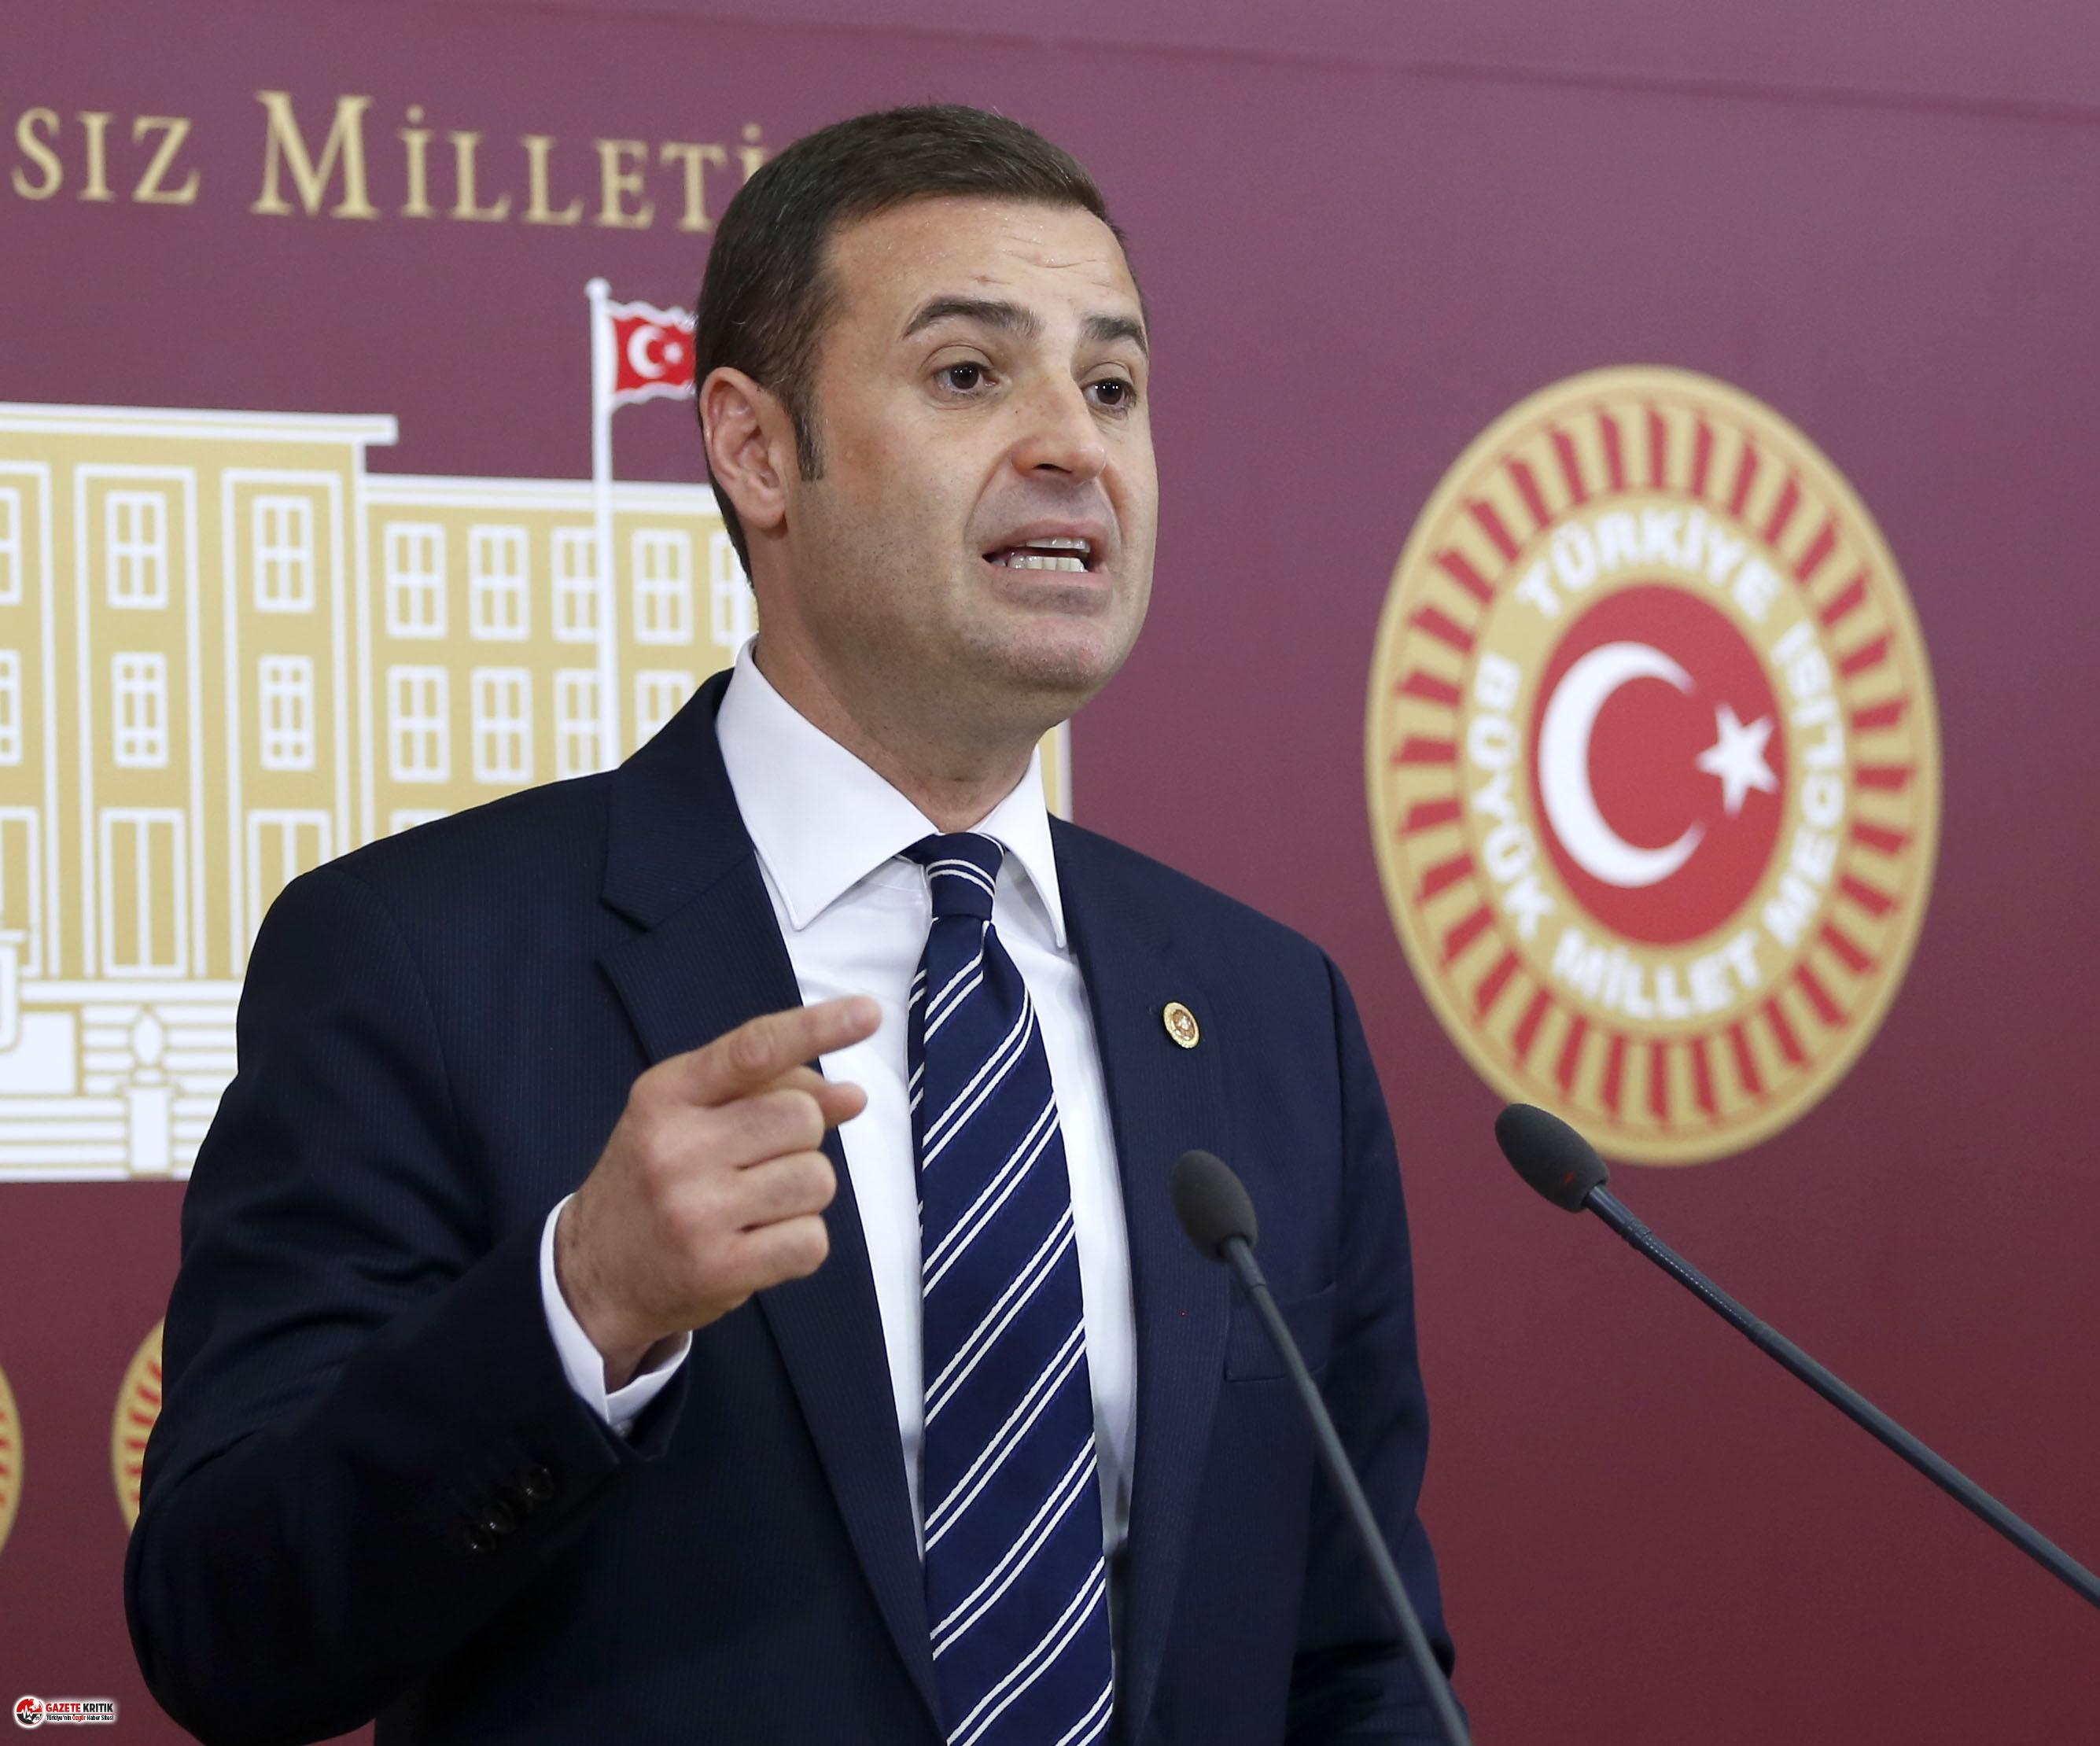 CHP'li Ahmet Akın çiftçinin sesi oldu, iktidara seslendi: Çiftçiye boş vaat vermeyin